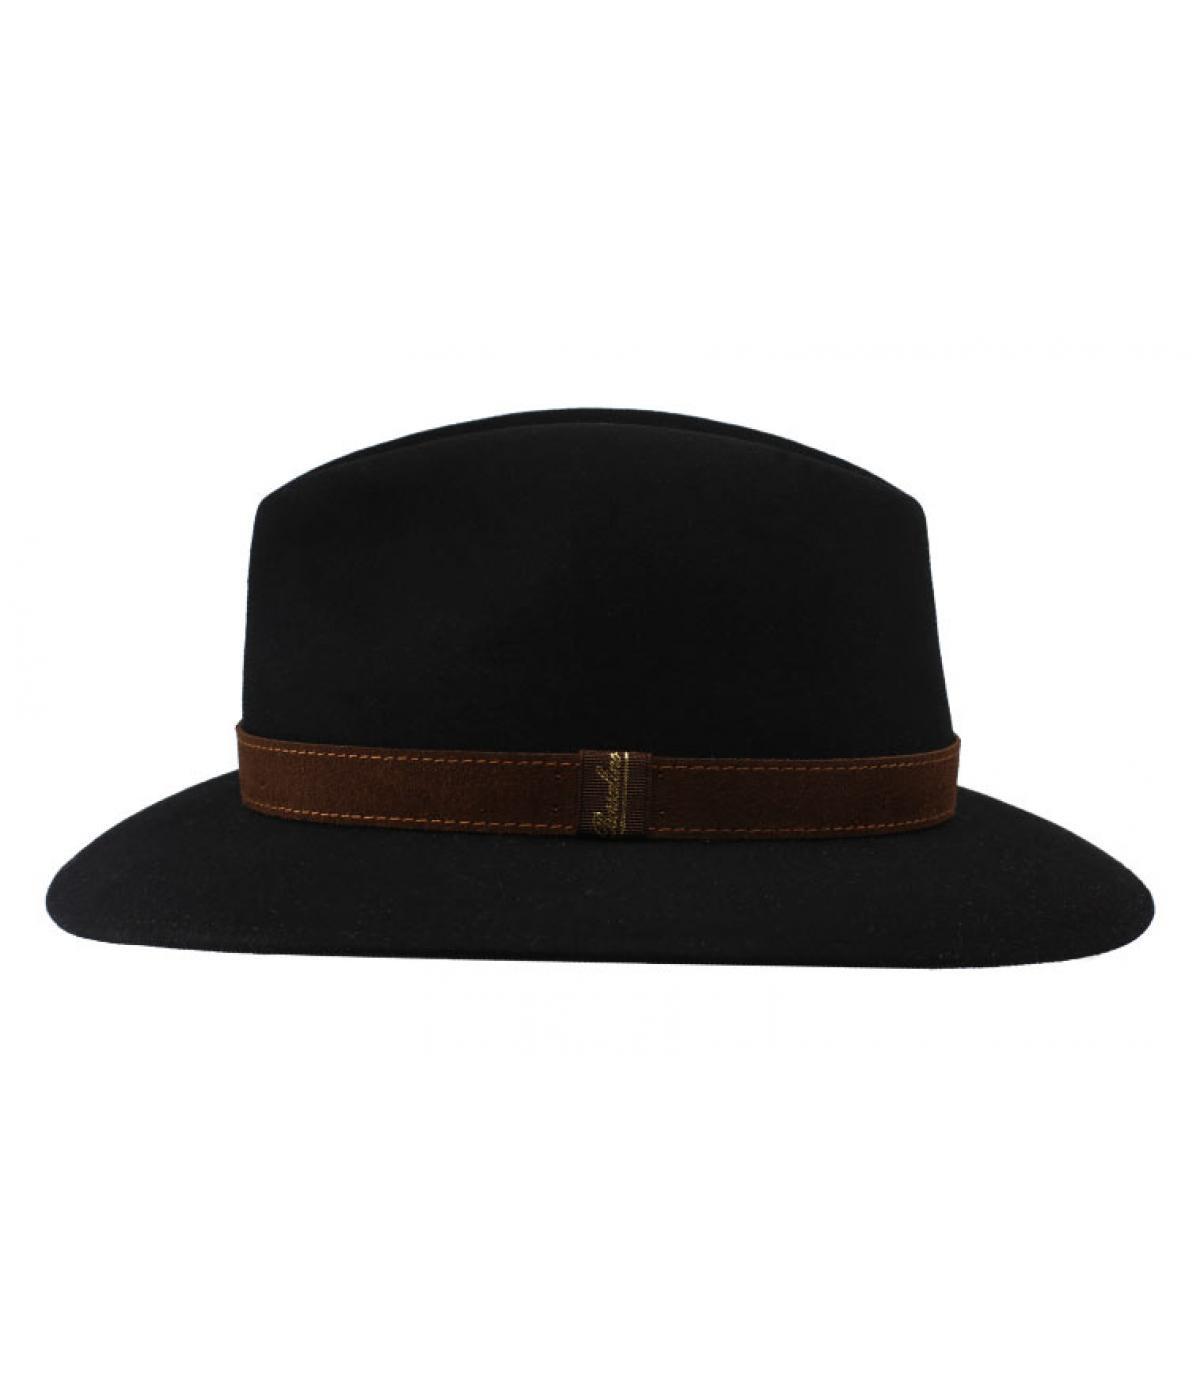 fedora feltro nero Borsalino. Dettagli Alessandria black Fur Flet Hat -  image 4  Dettagli Alessandria black Fur Flet Hat - image 1 ... 28055c63c24d